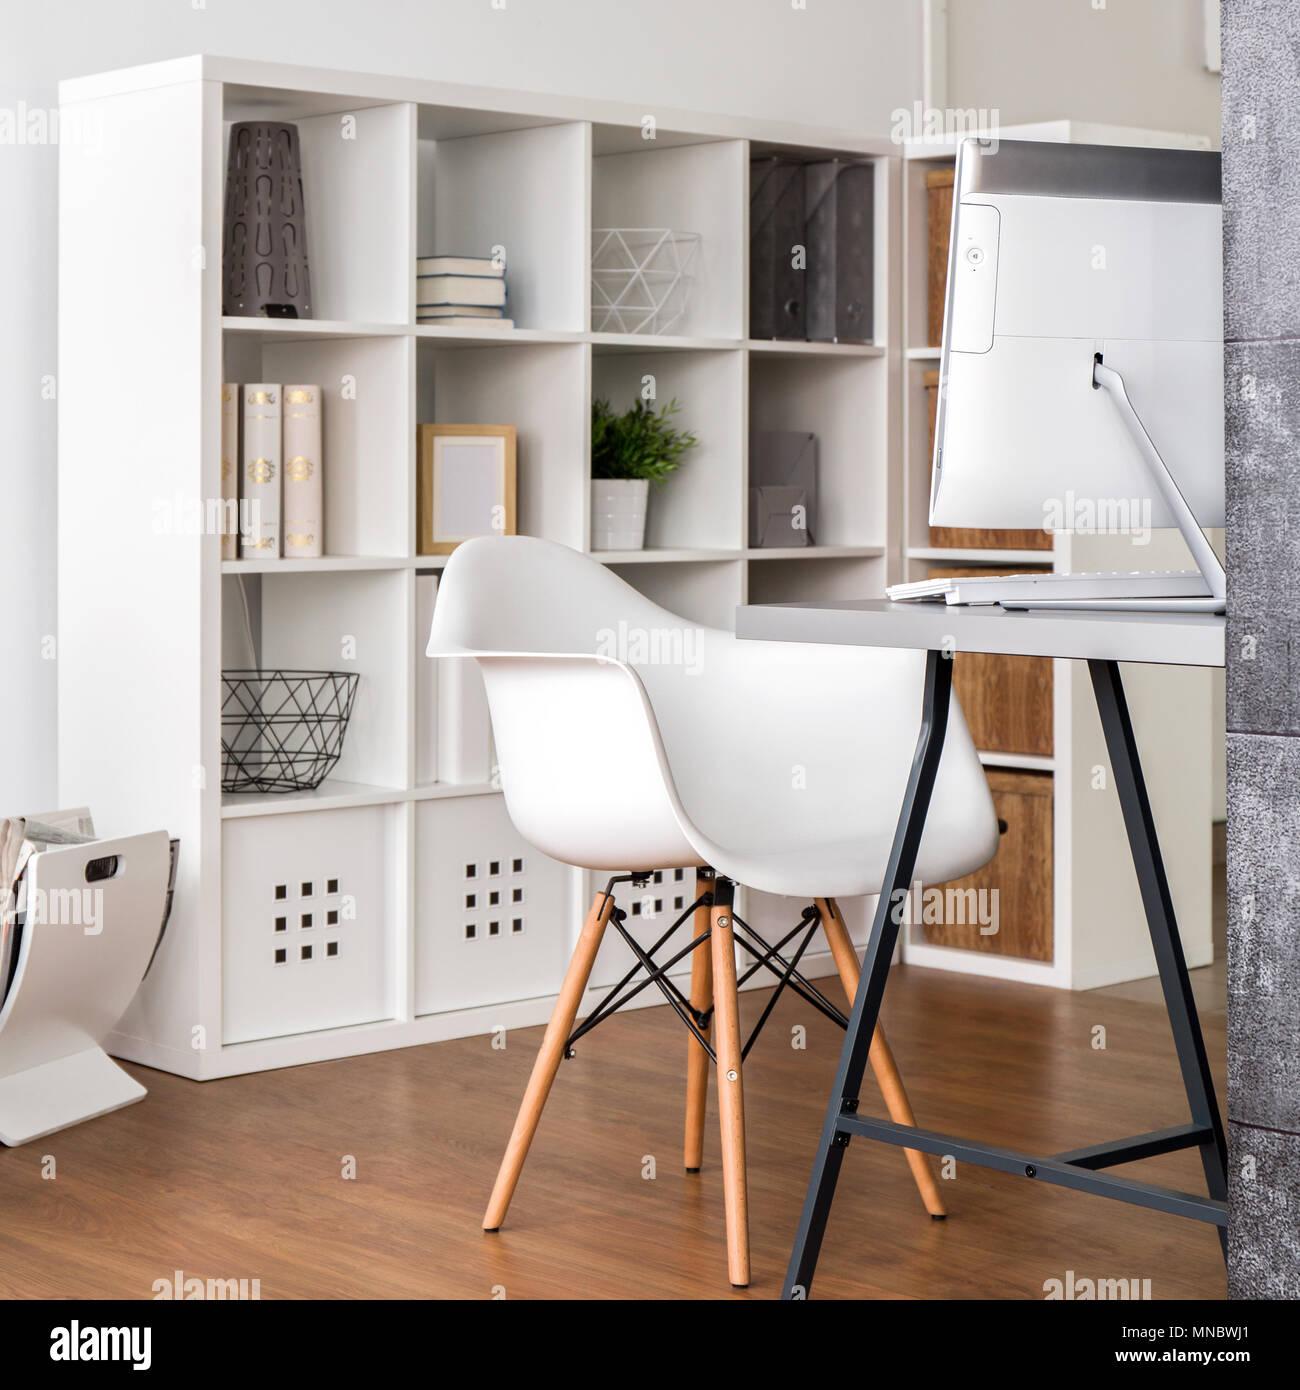 Einrichtung Mit Weißen Bücherregal Schreibtisch Stuhl Und